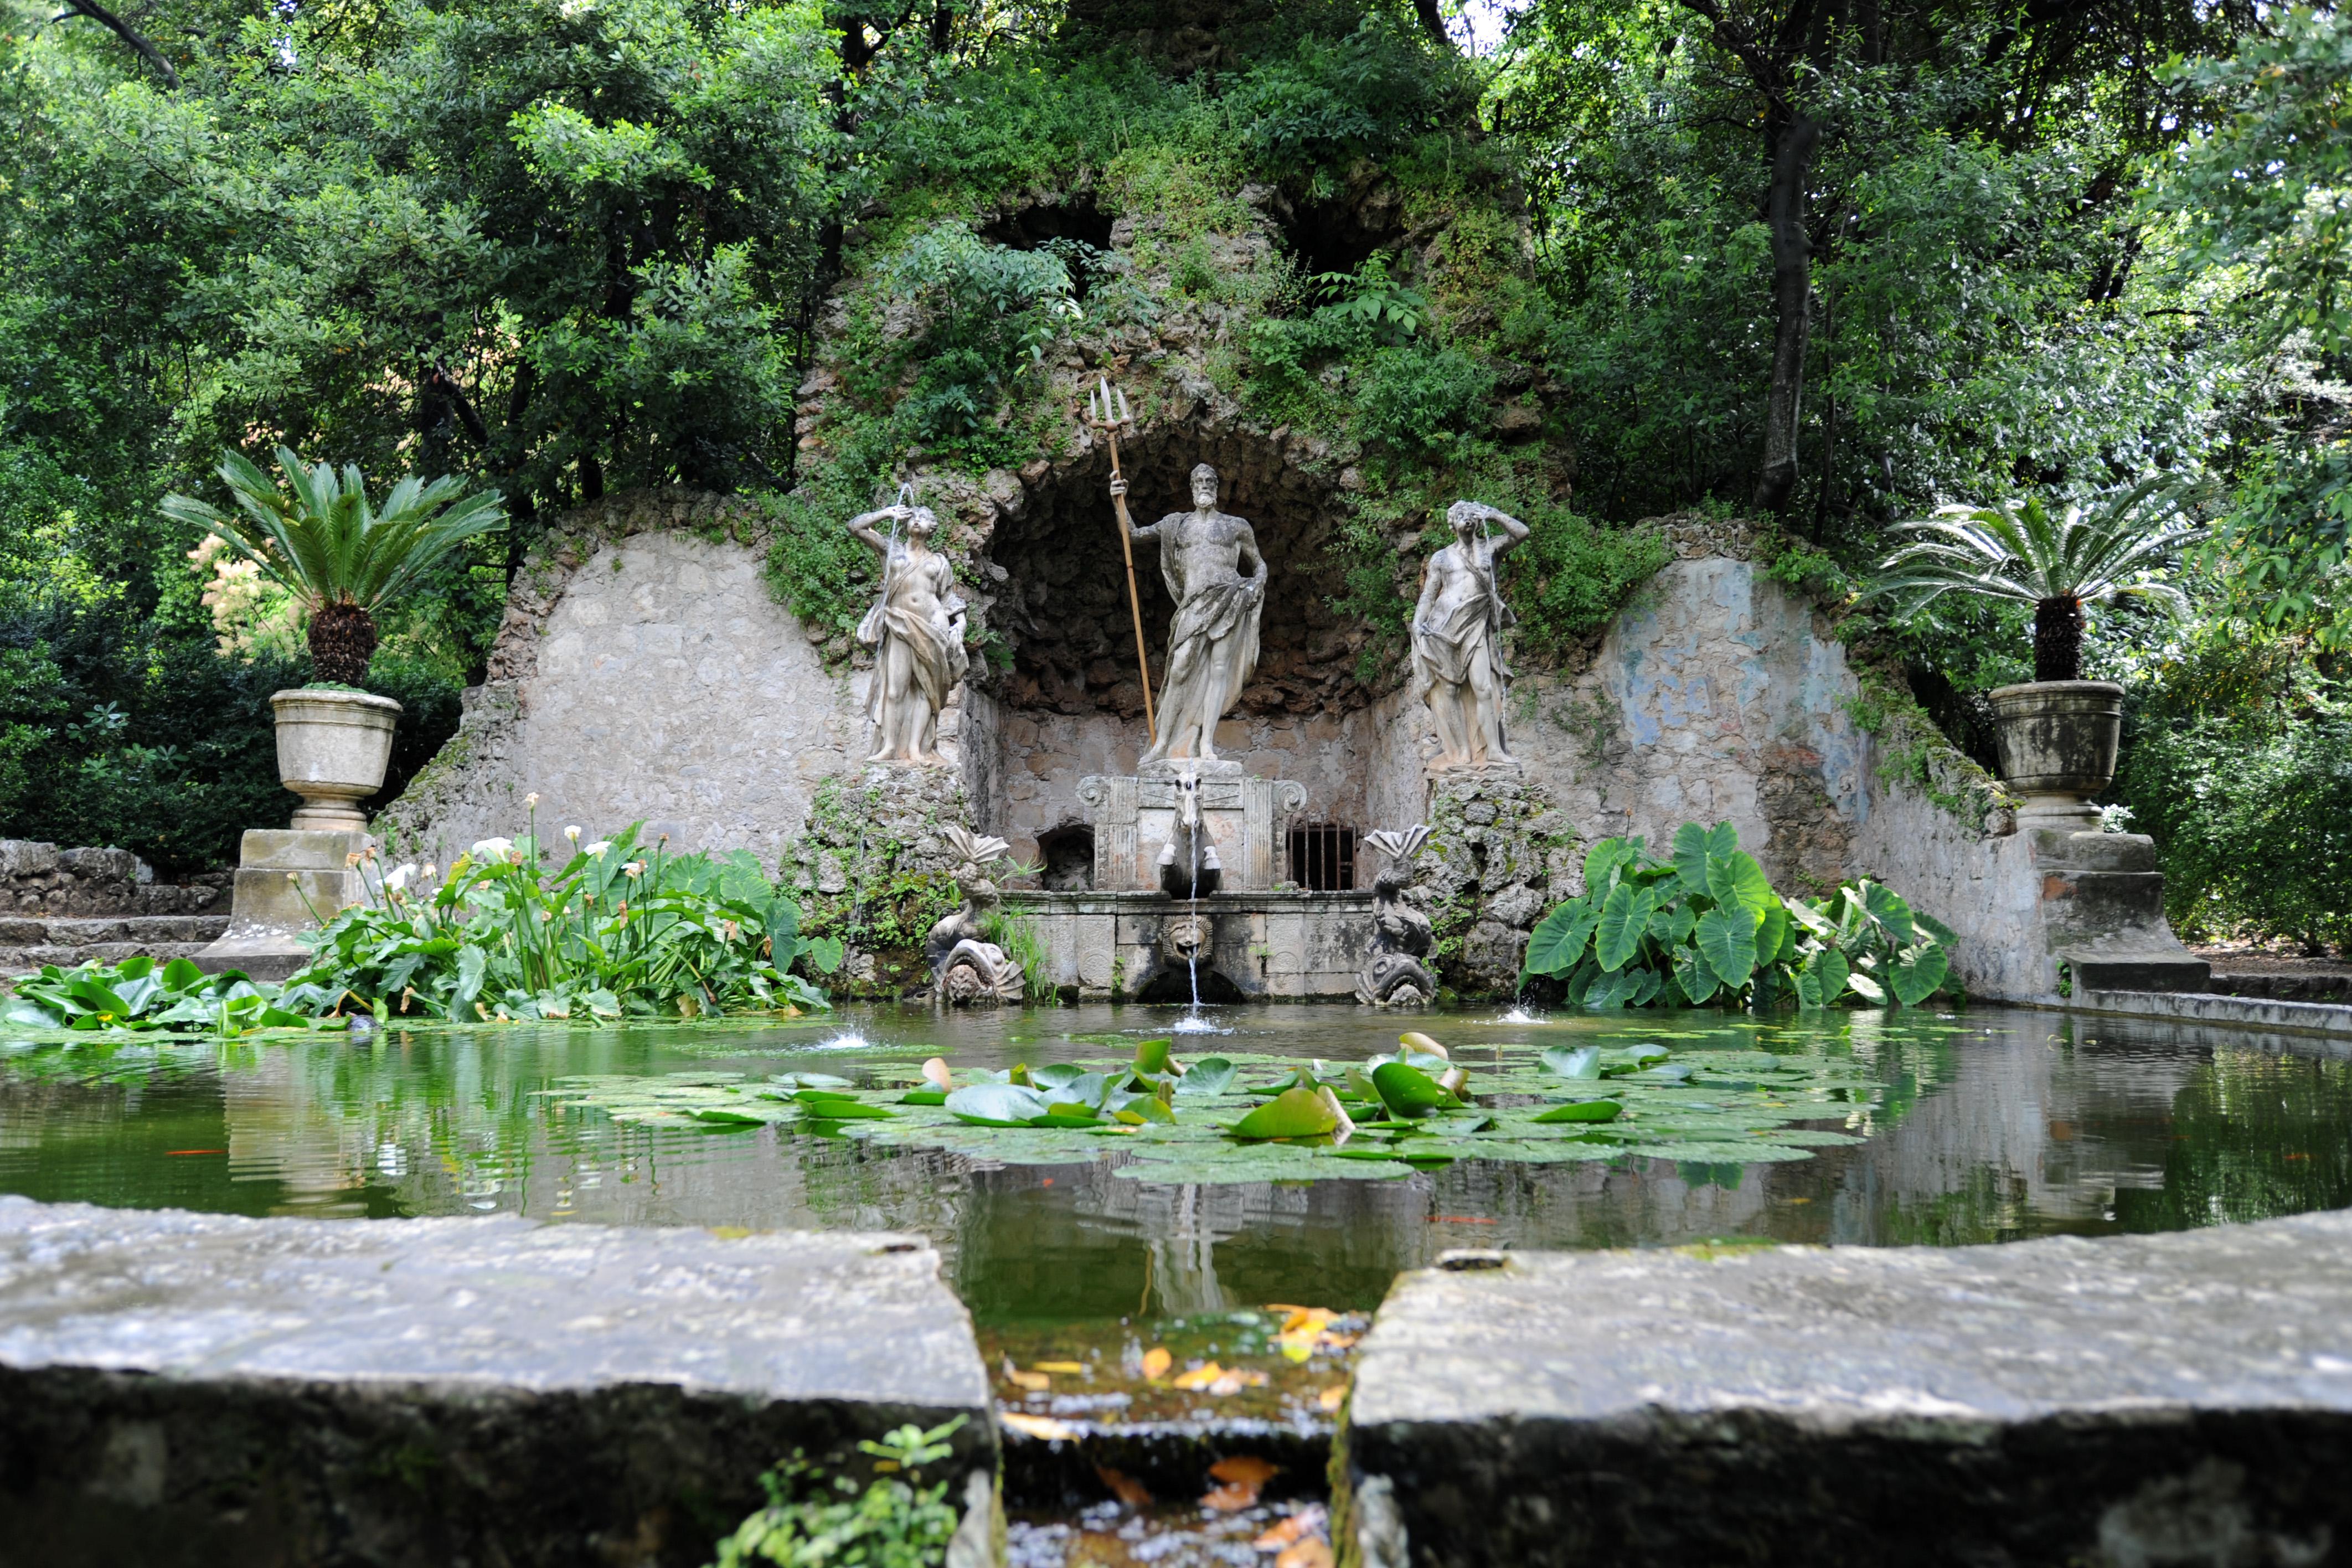 une fontaine Martin 4 octobre trouvée par Martine Village_trsteno_020_(fontaine,_2010-05-29)